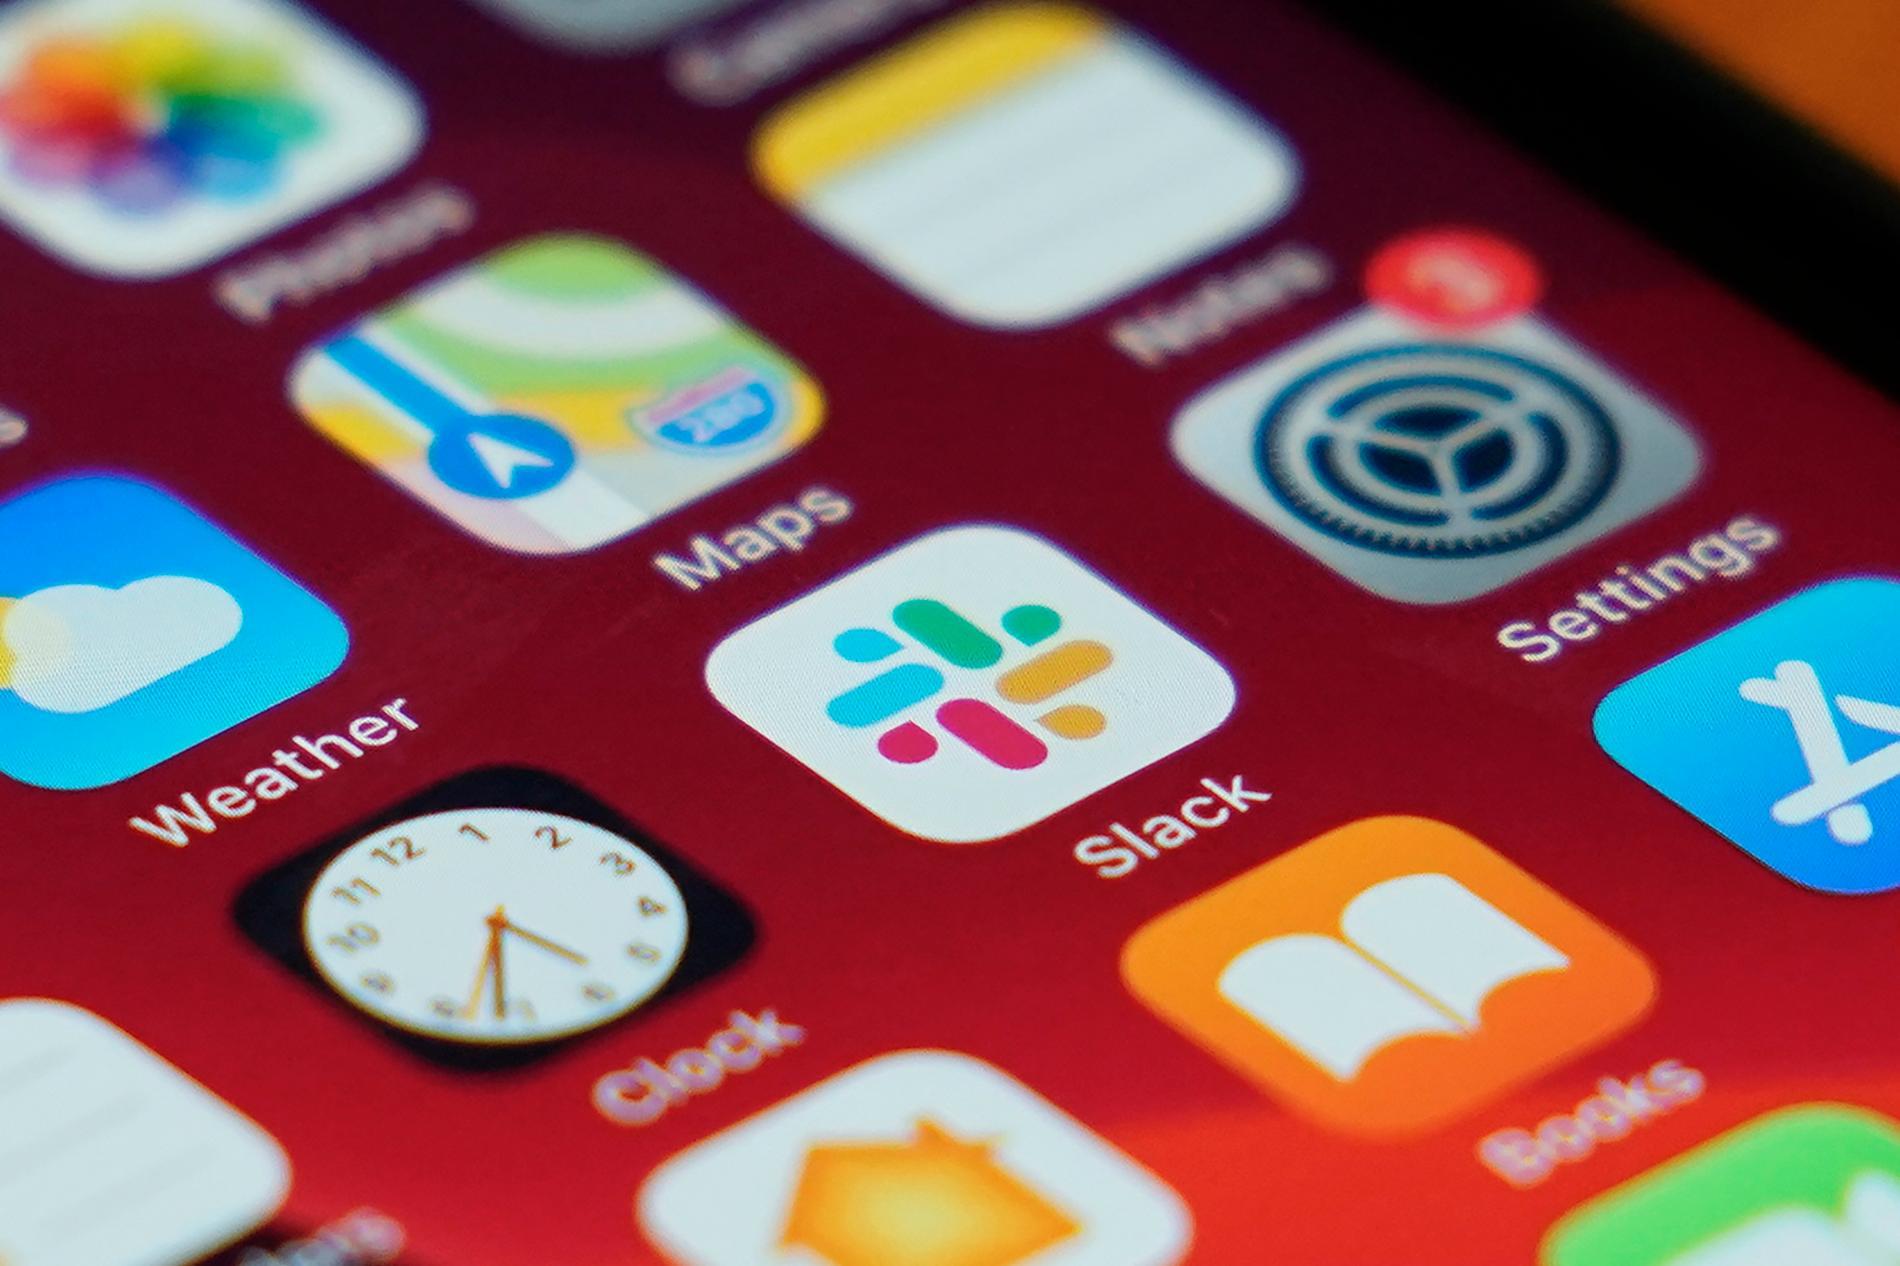 Androidanvändare som har appen Slack uppmanas byta lösenord.